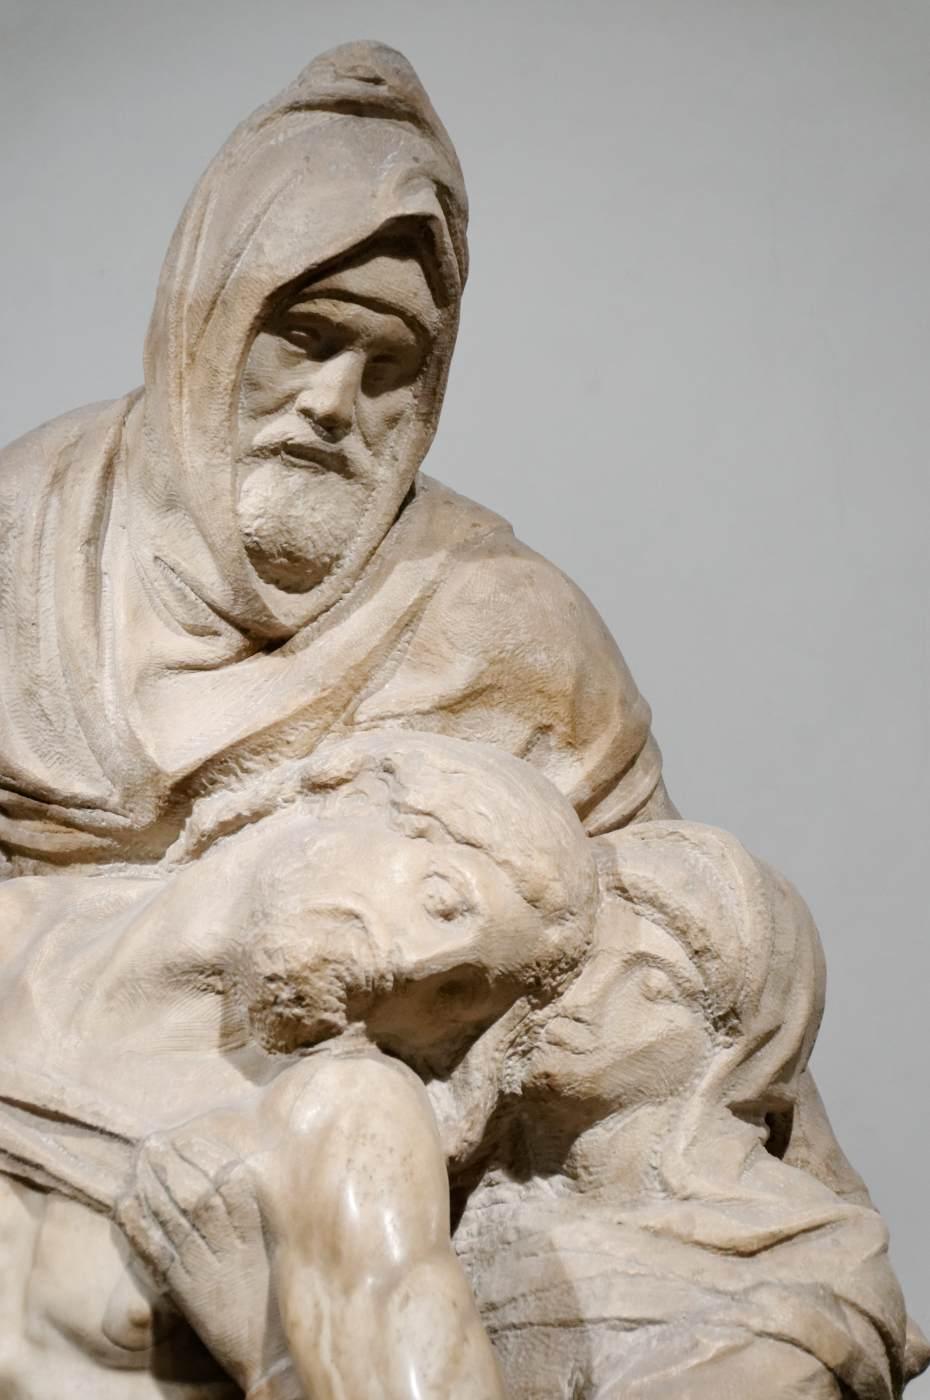 Pietà (detail) by MICHELANGELO Buonarroti